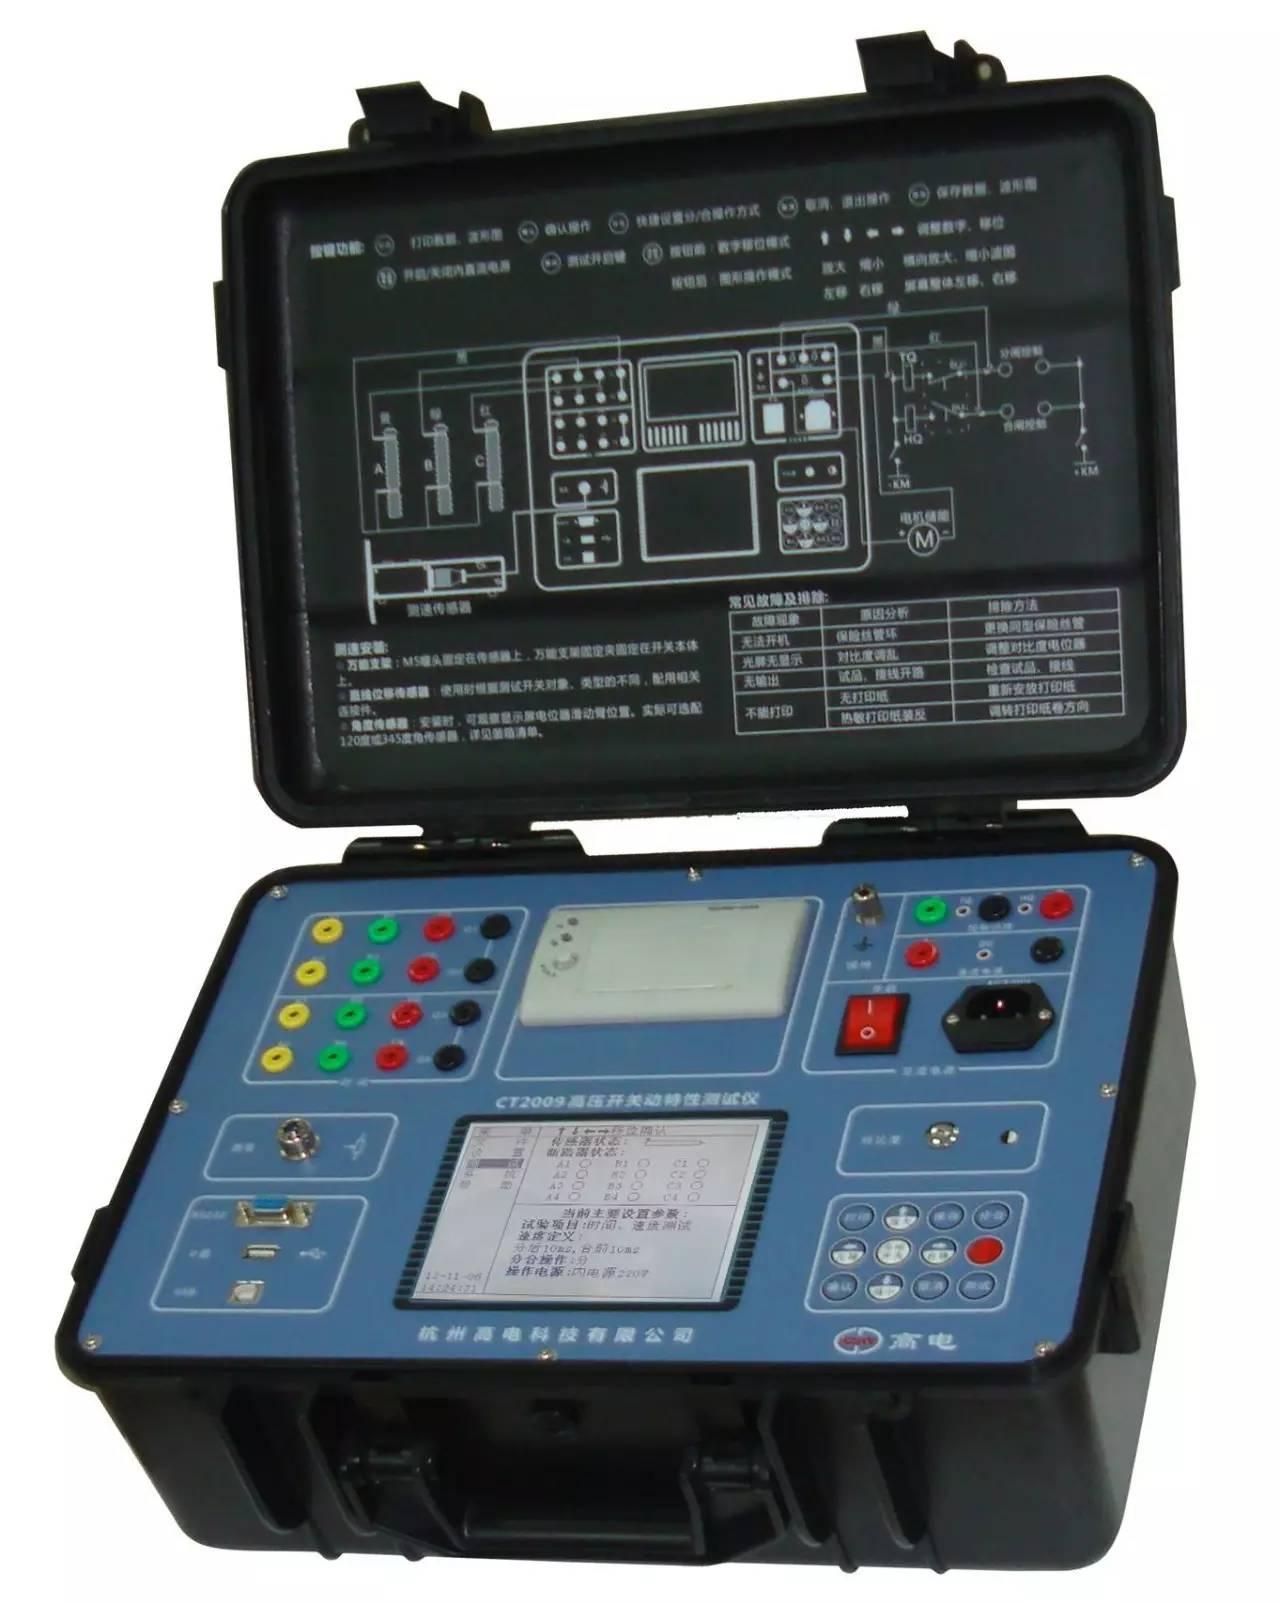 油高压断路器,负荷开关,gis接地刀闸开关,接触器,继电器,空气开关等.